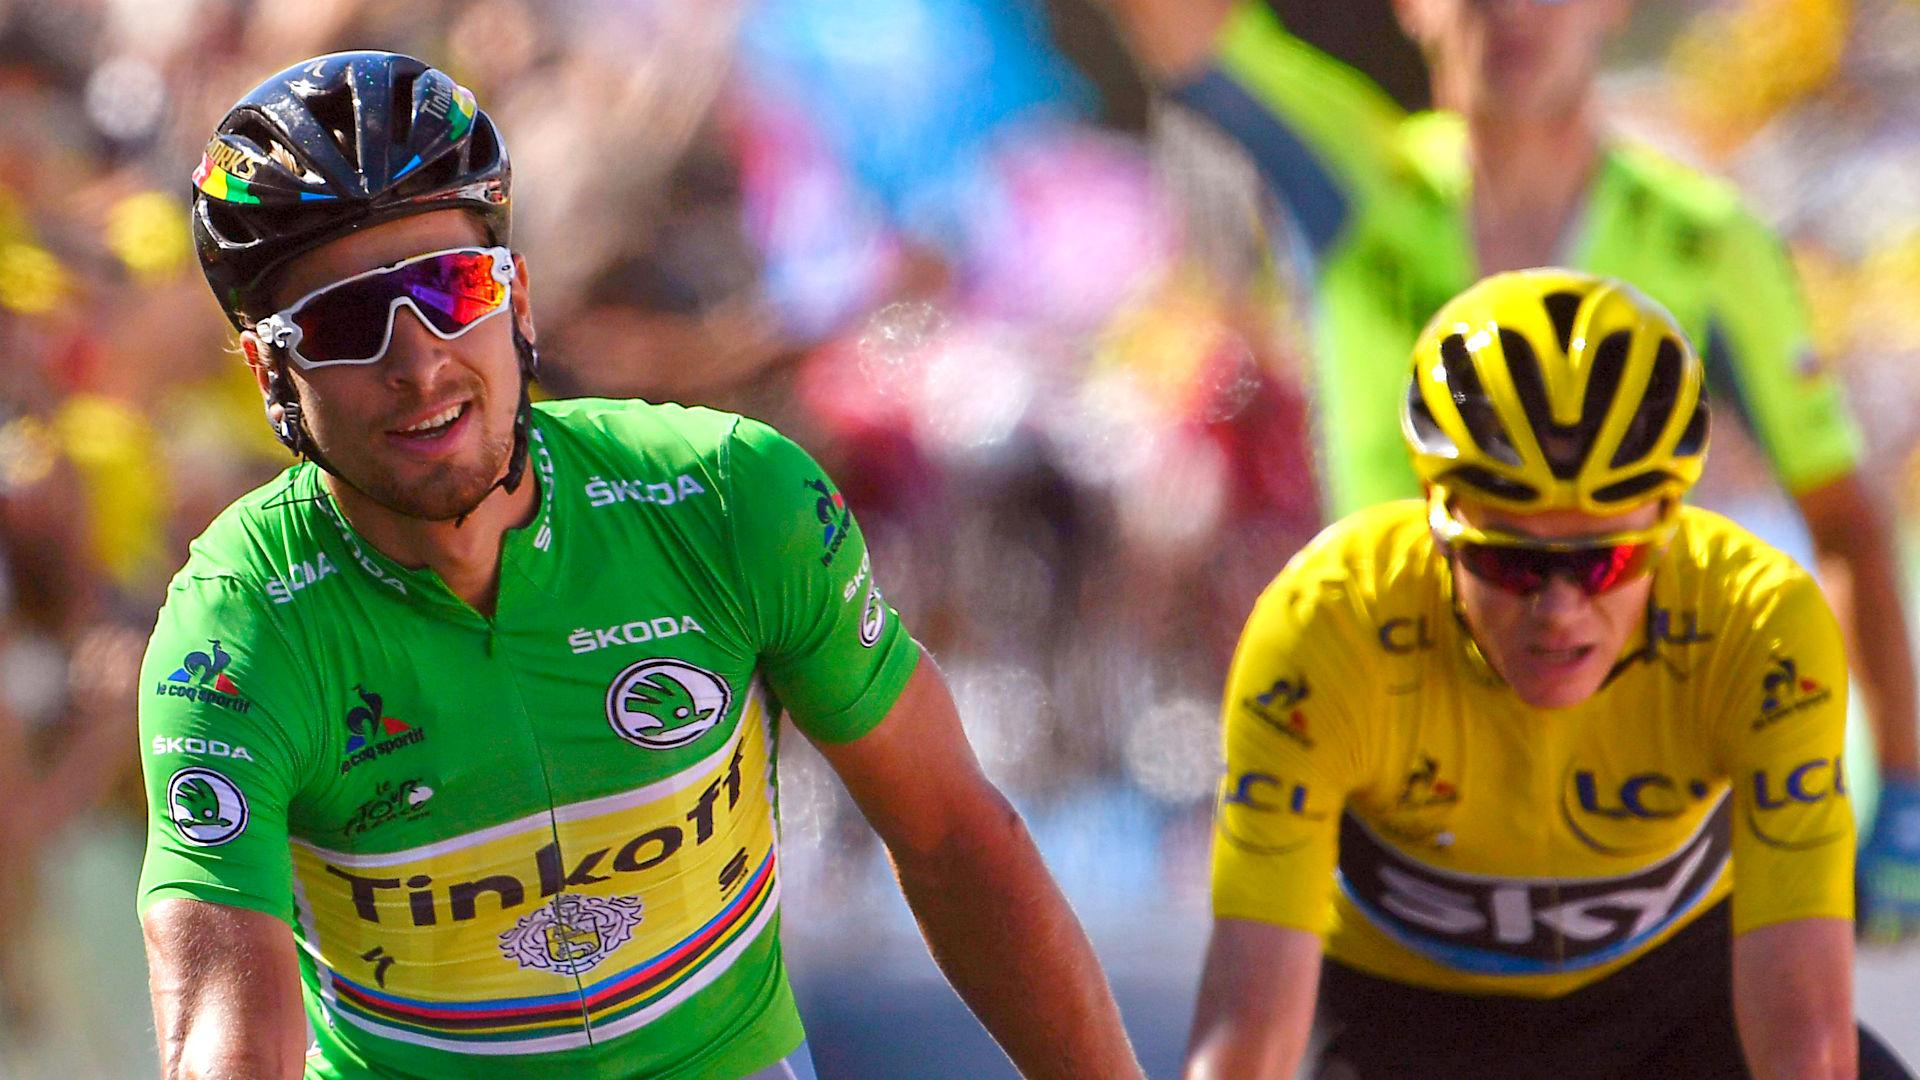 Tour de France 2016: Peter Sagan nips Chris Froome in 11th ...